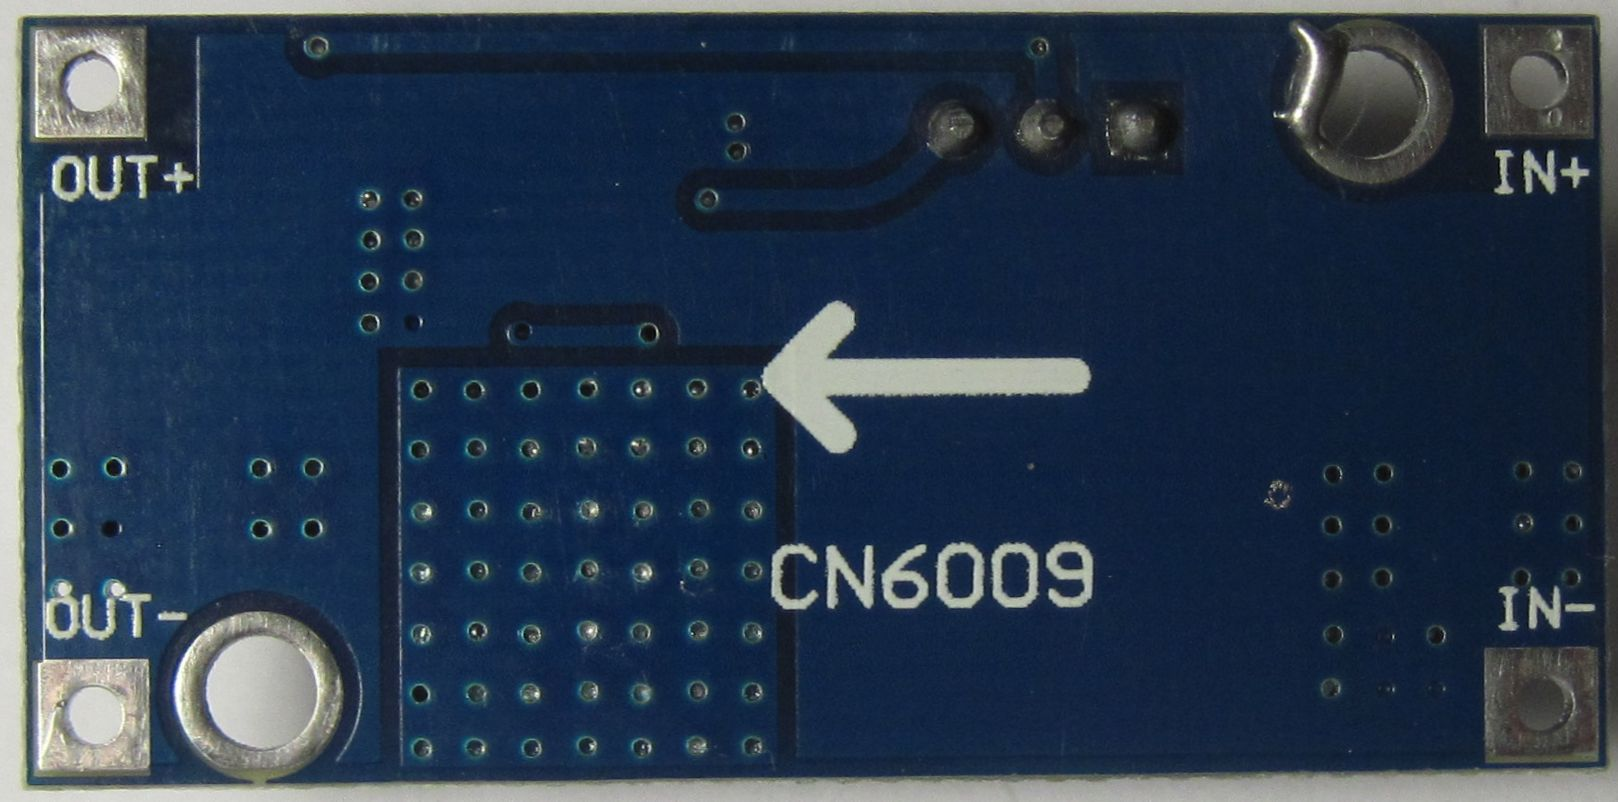 Питание 9-12-вольтовых SOHO-маршрутизаторов от USB-источника - 3